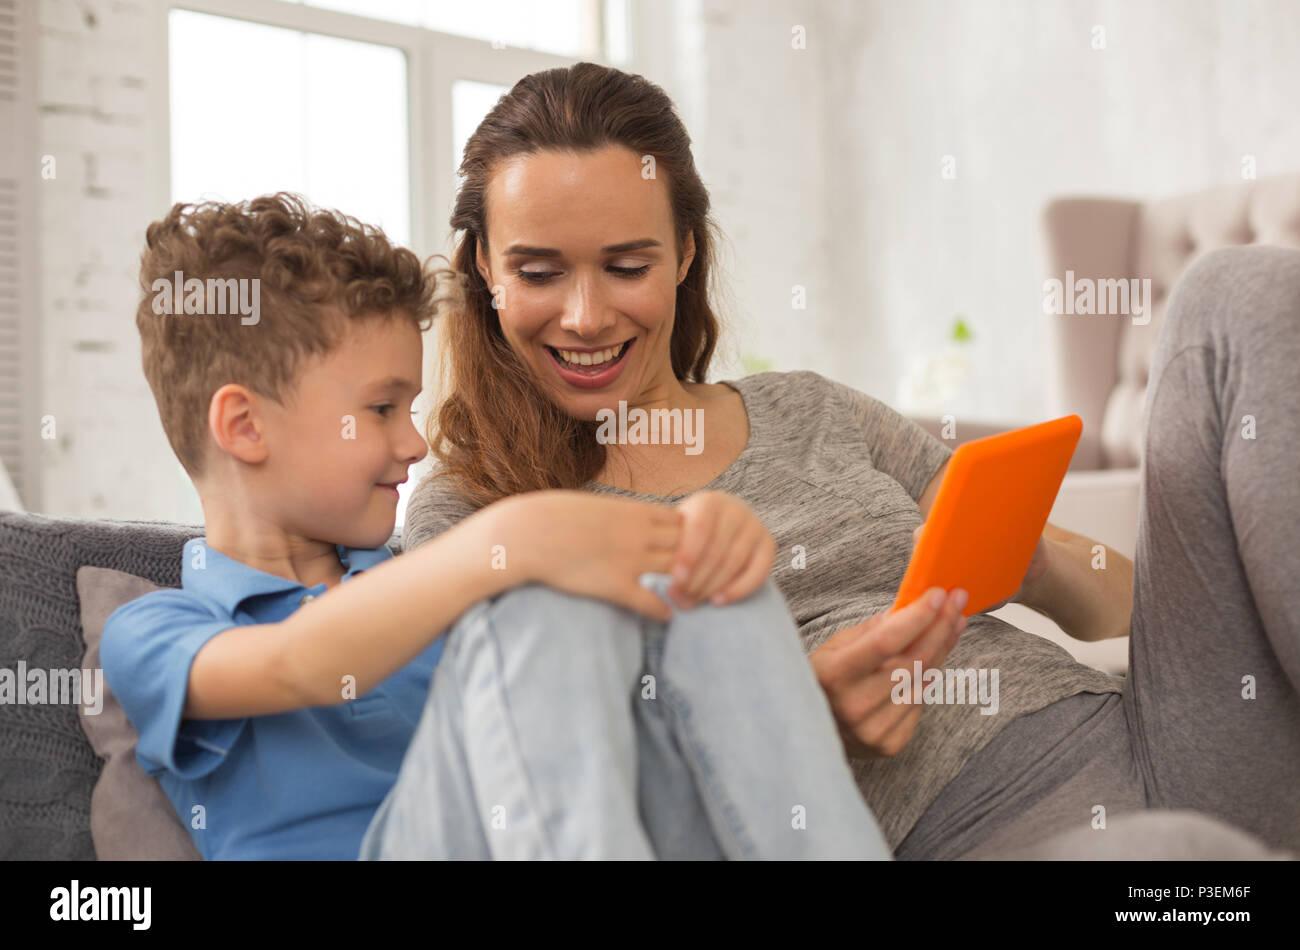 Lachend Mutter lächelte breit, während Witze Stockbild